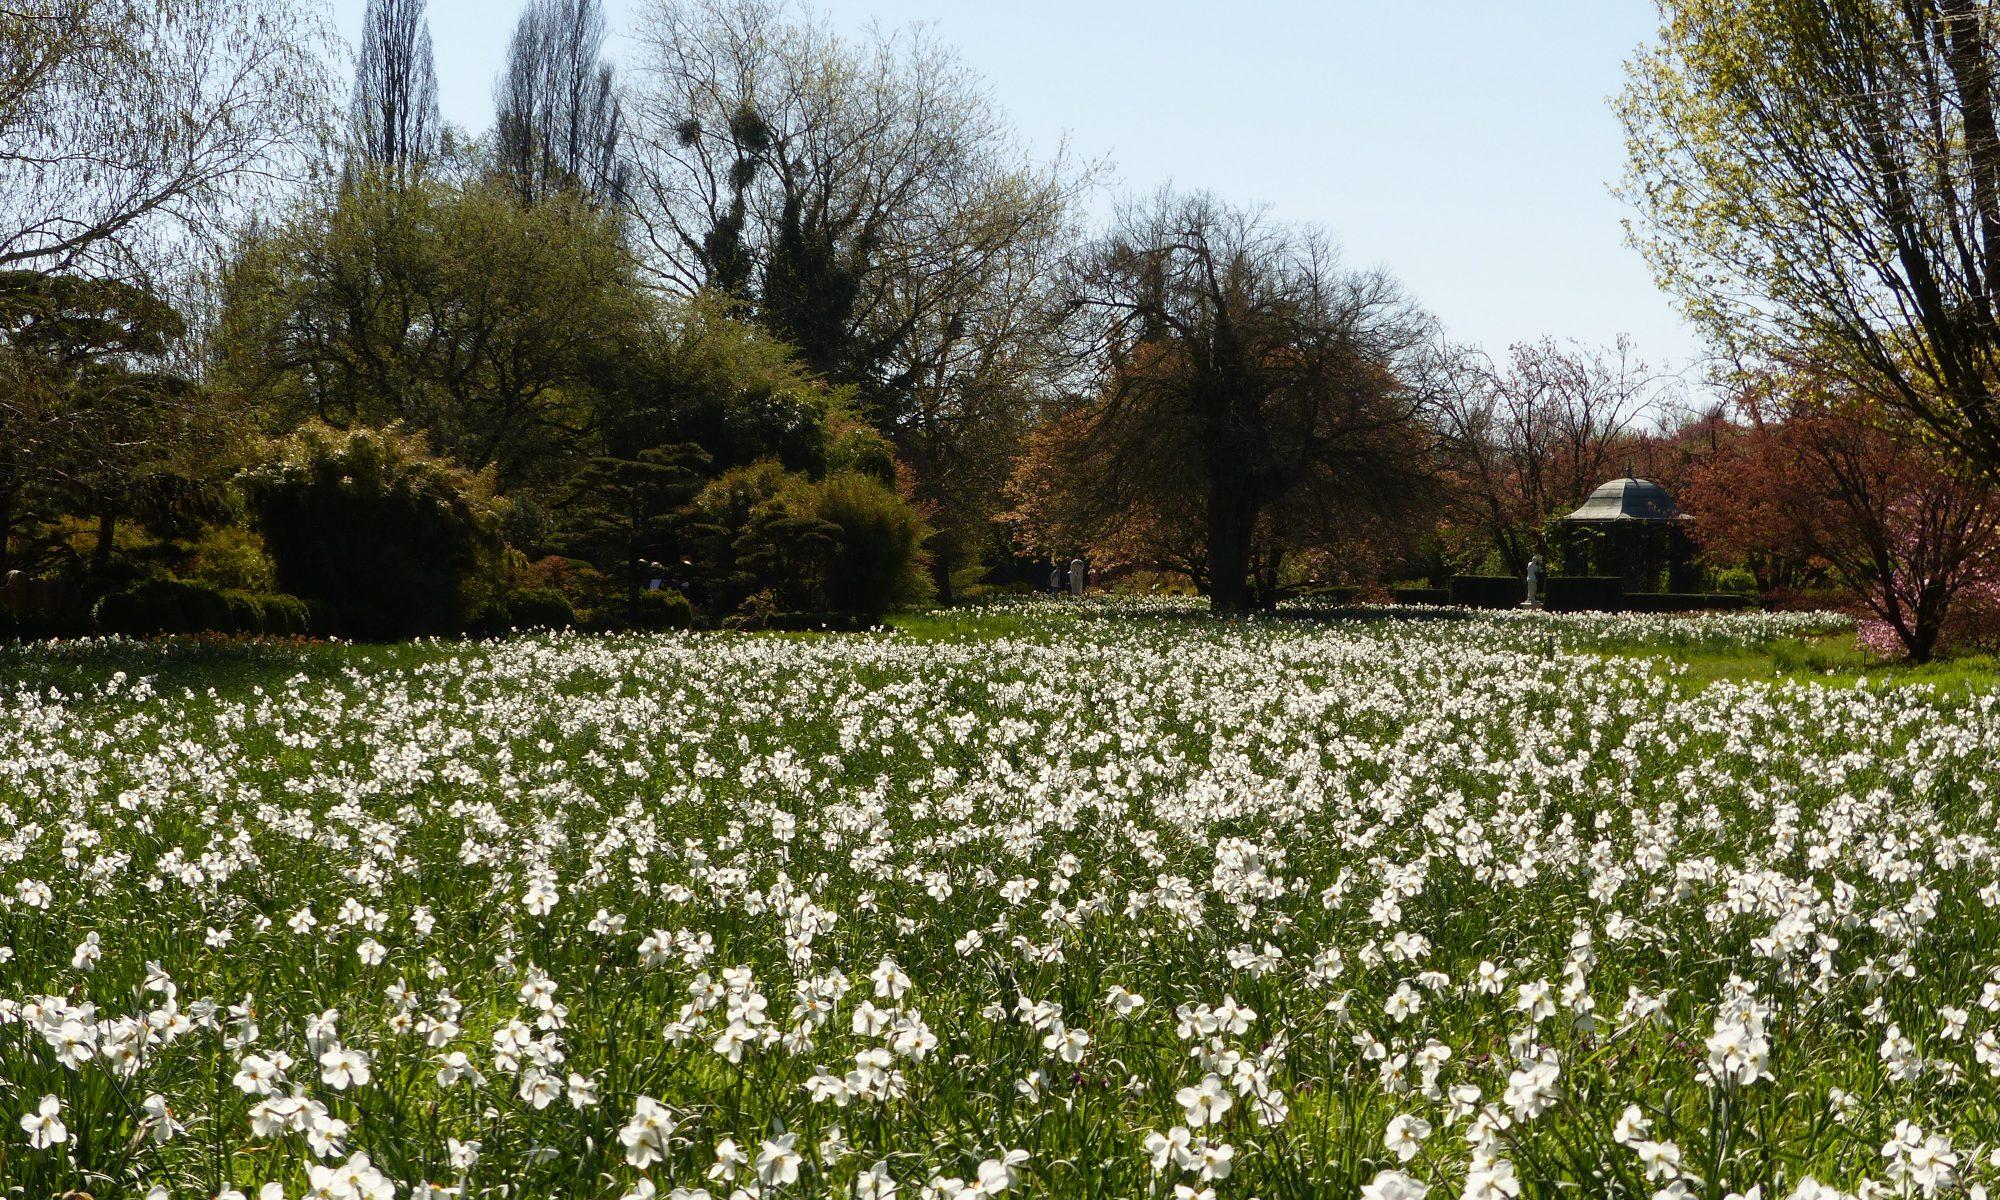 Narfissenblüte im Arboretum